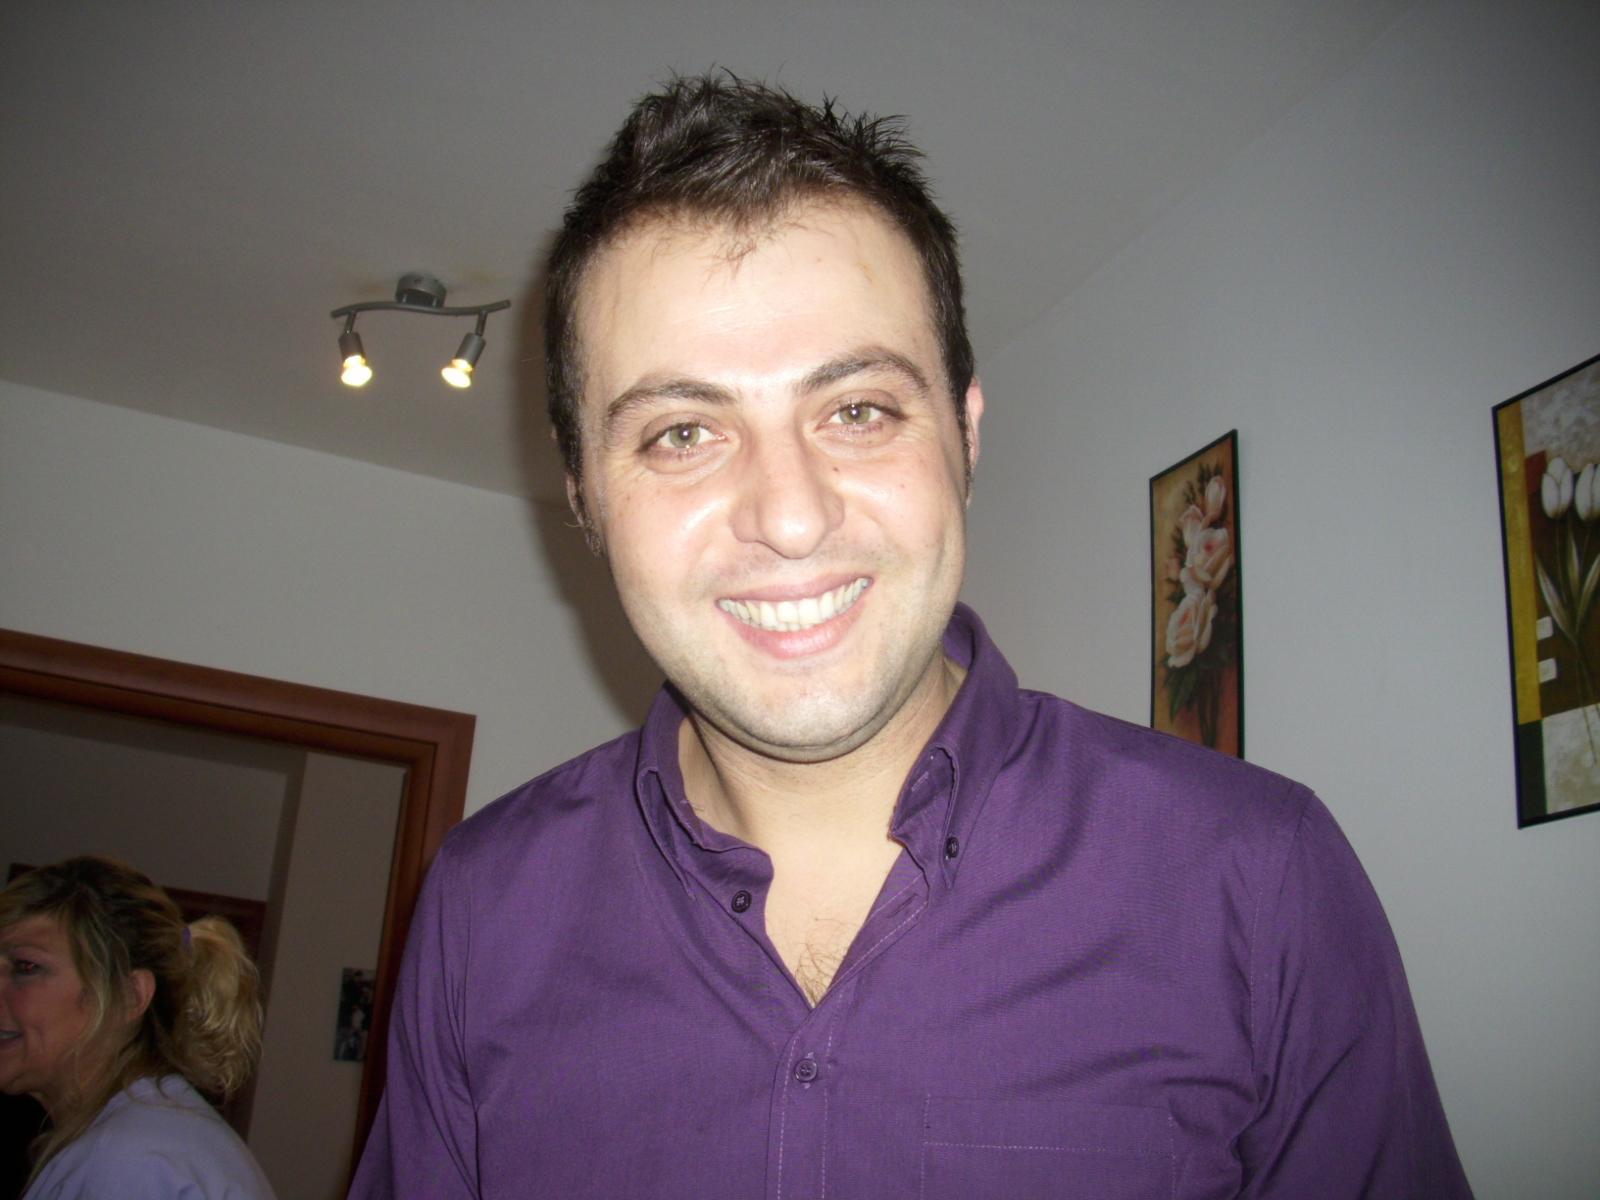 Joe Di Benedetto